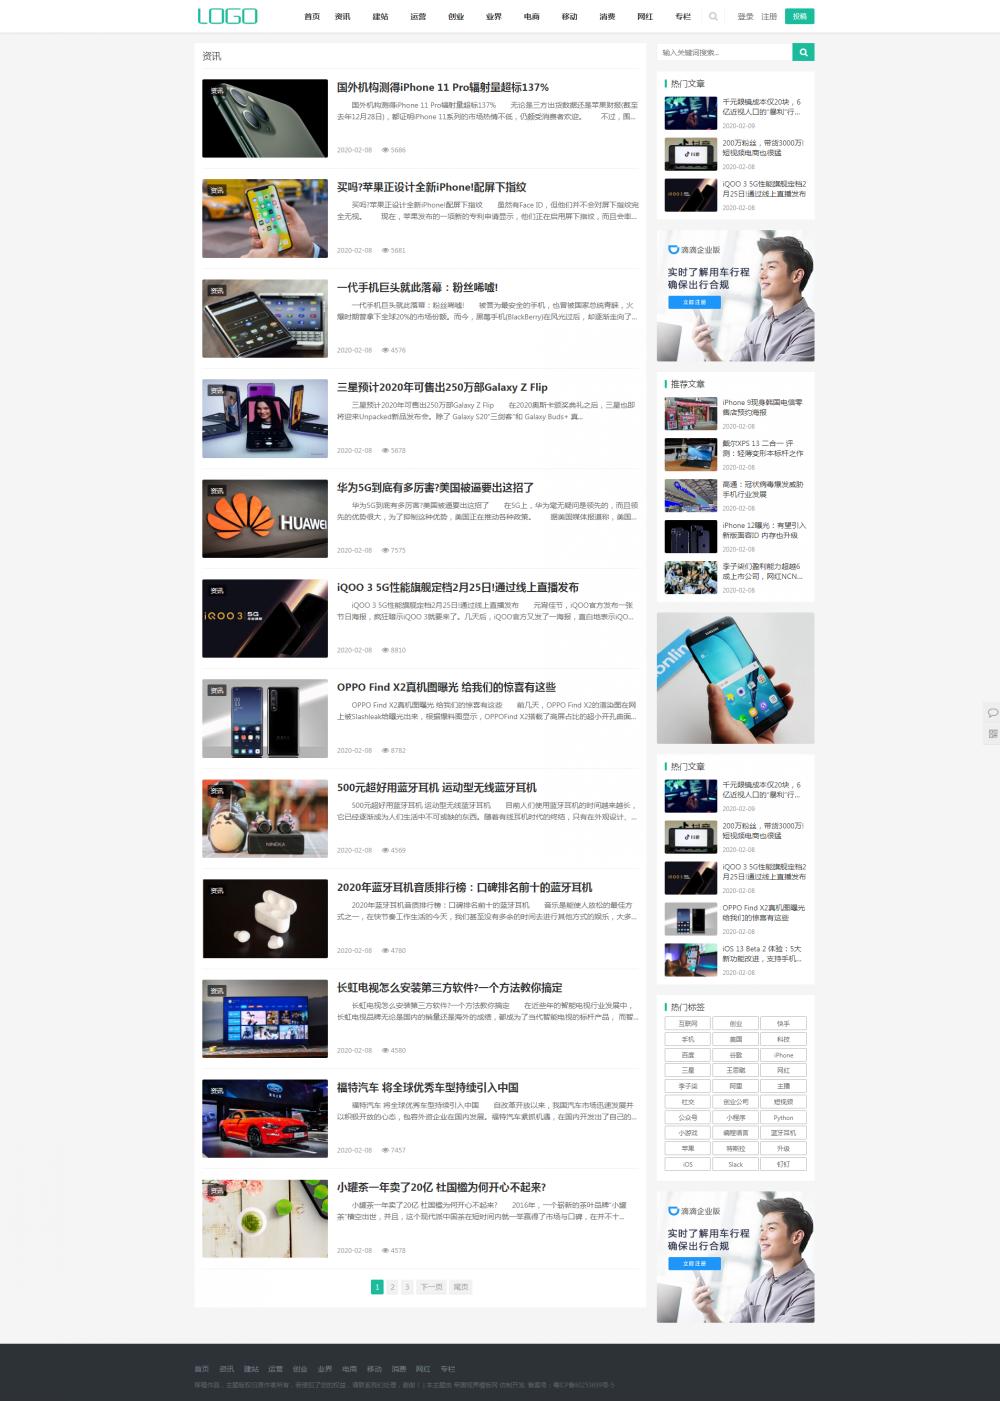 栏目页.png [DG-066]帝国CMS高端个人博客文章资讯新闻资讯模板(带会员中心) 博客文章 第2张